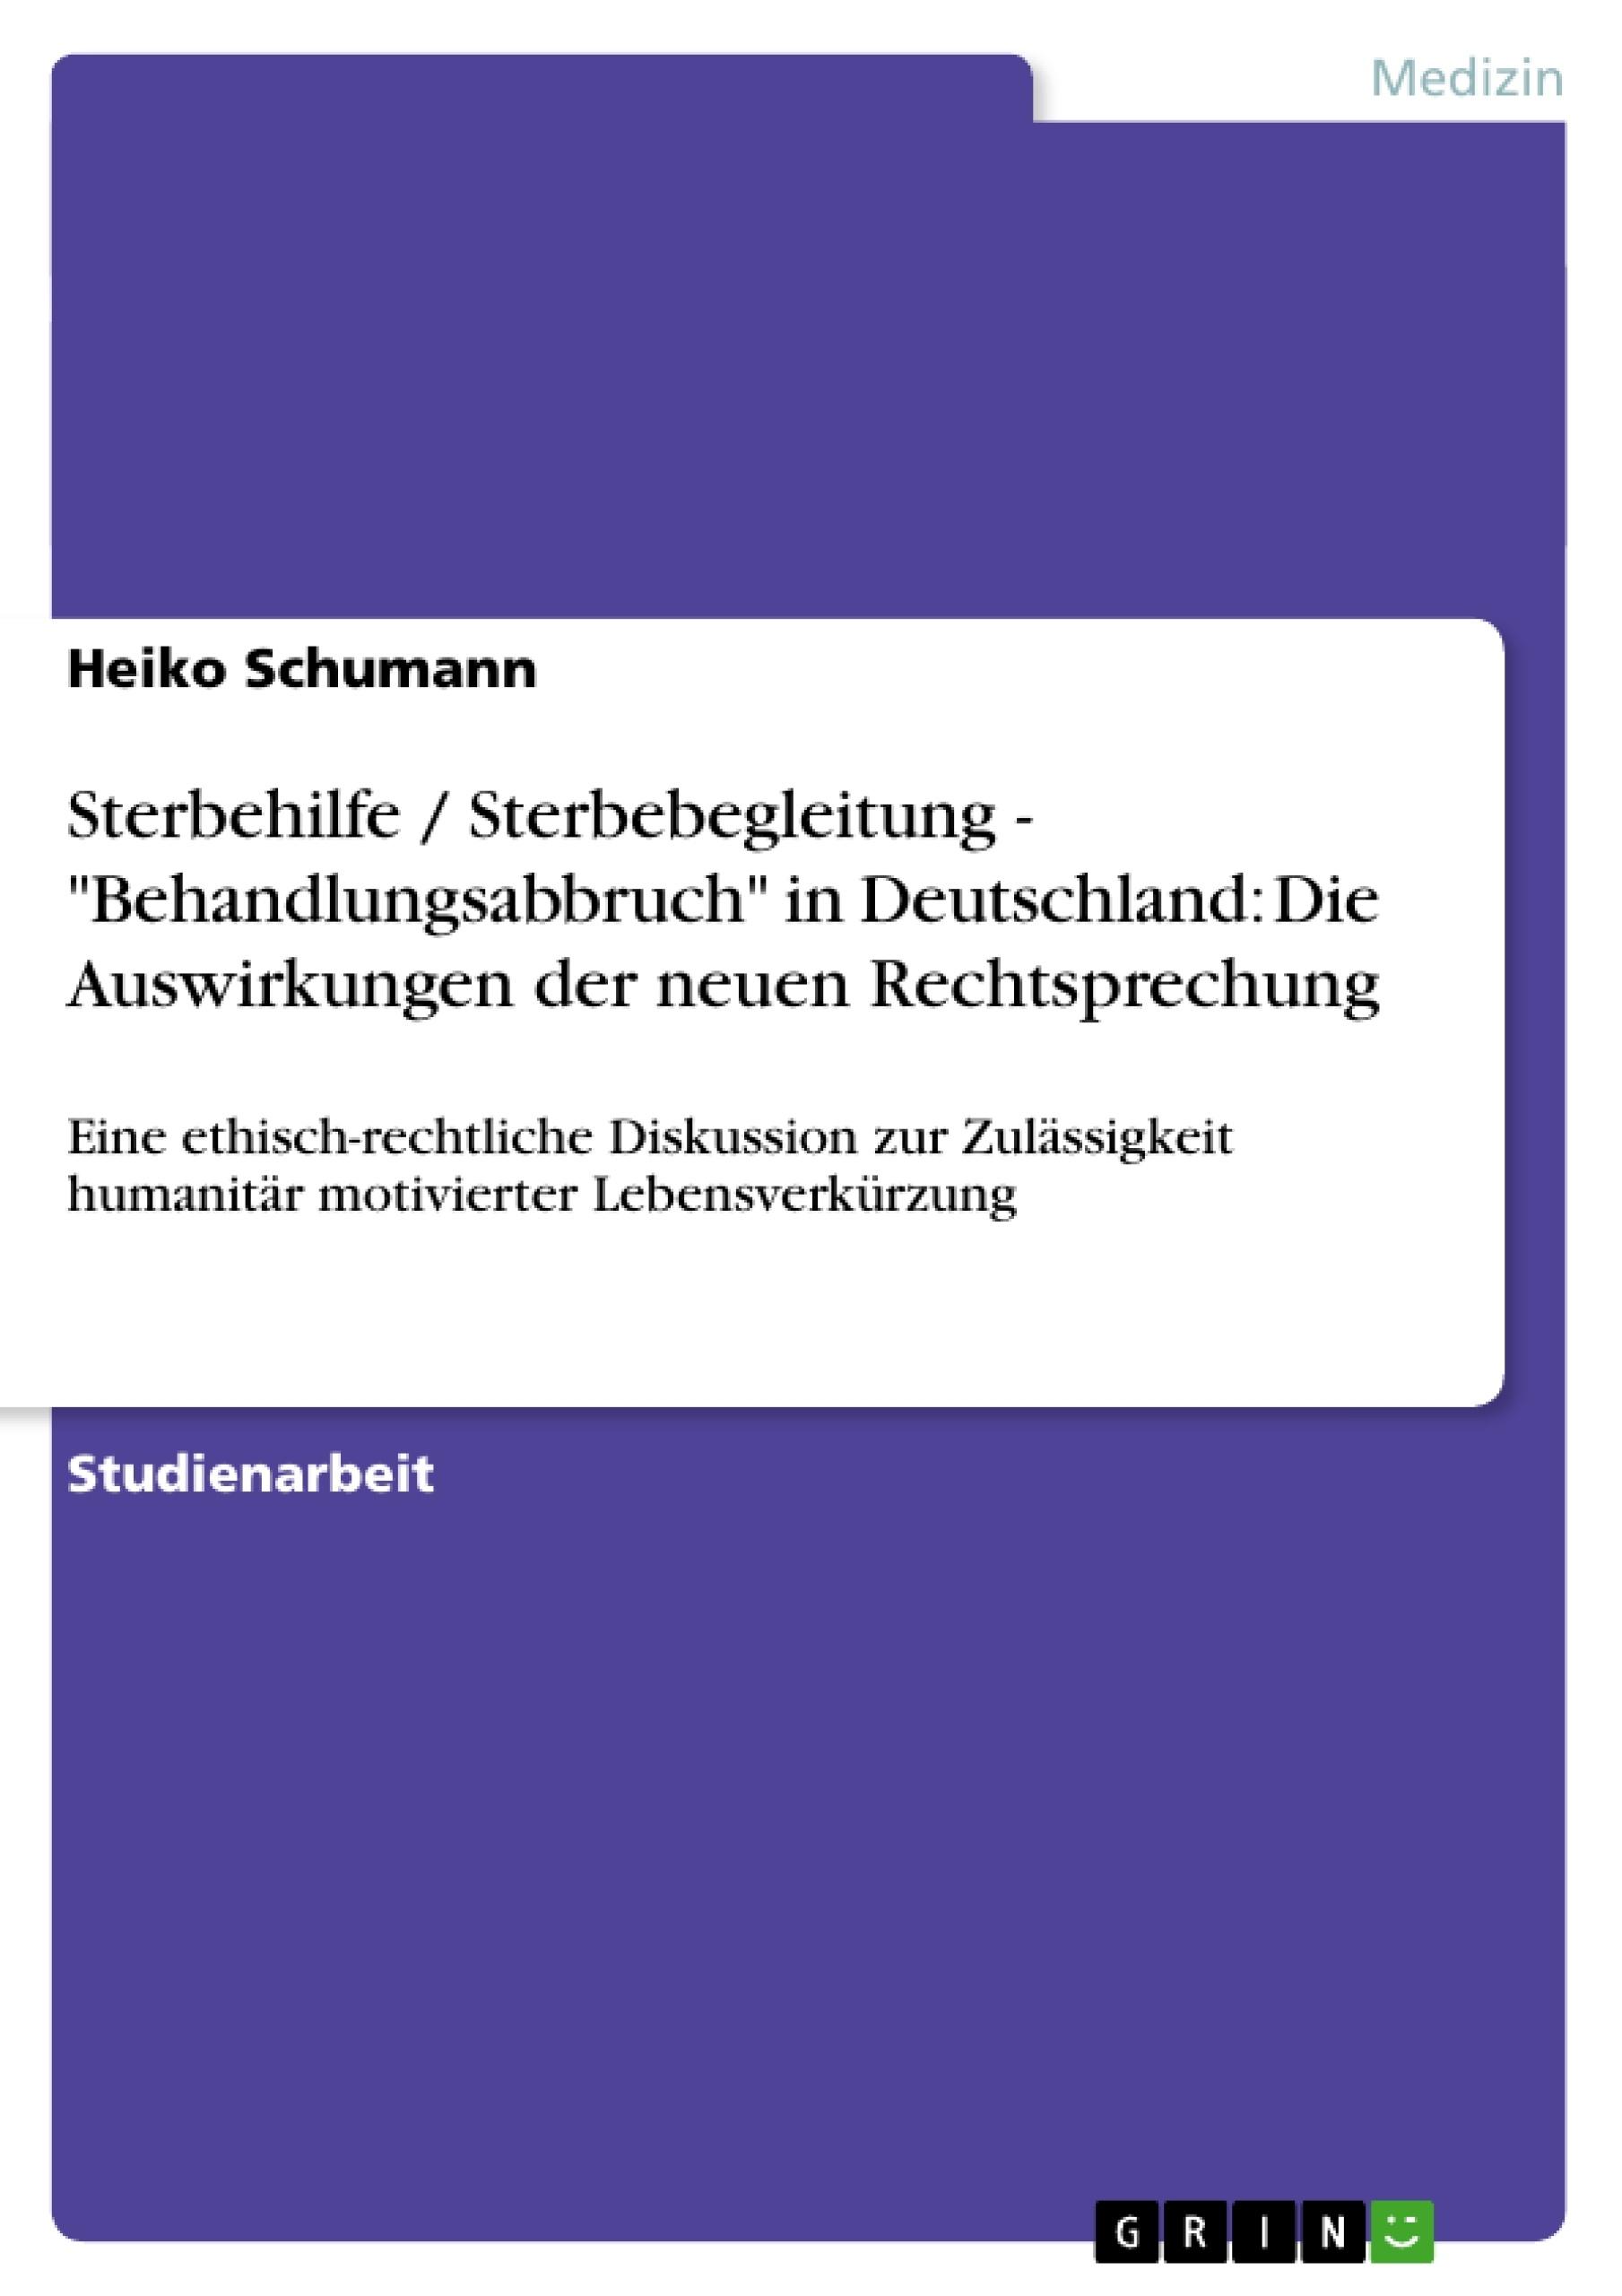 """Titel: Sterbehilfe / Sterbebegleitung - """"Behandlungsabbruch"""" in Deutschland: Die Auswirkungen der neuen Rechtsprechung"""